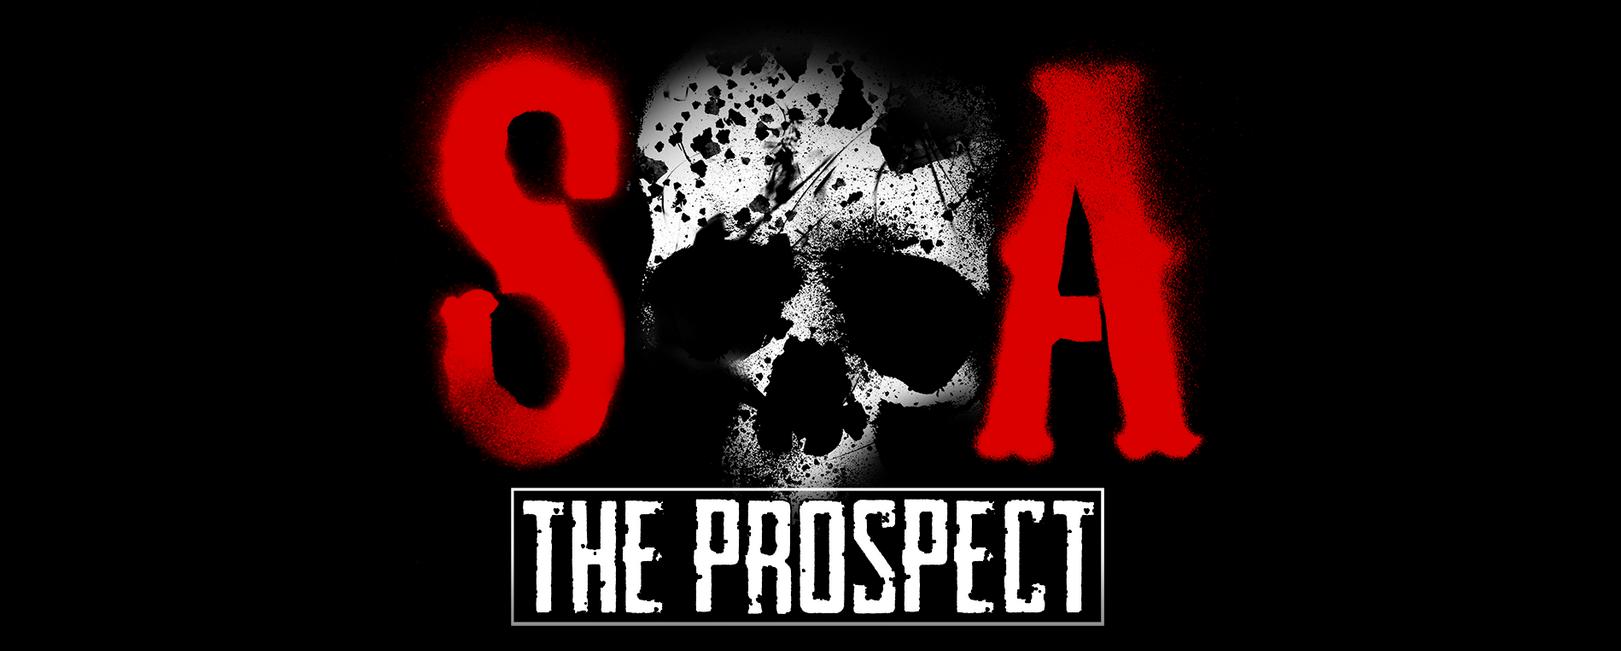 Sons of Anarchy aura droit à un jeu mobile l'année prochaine